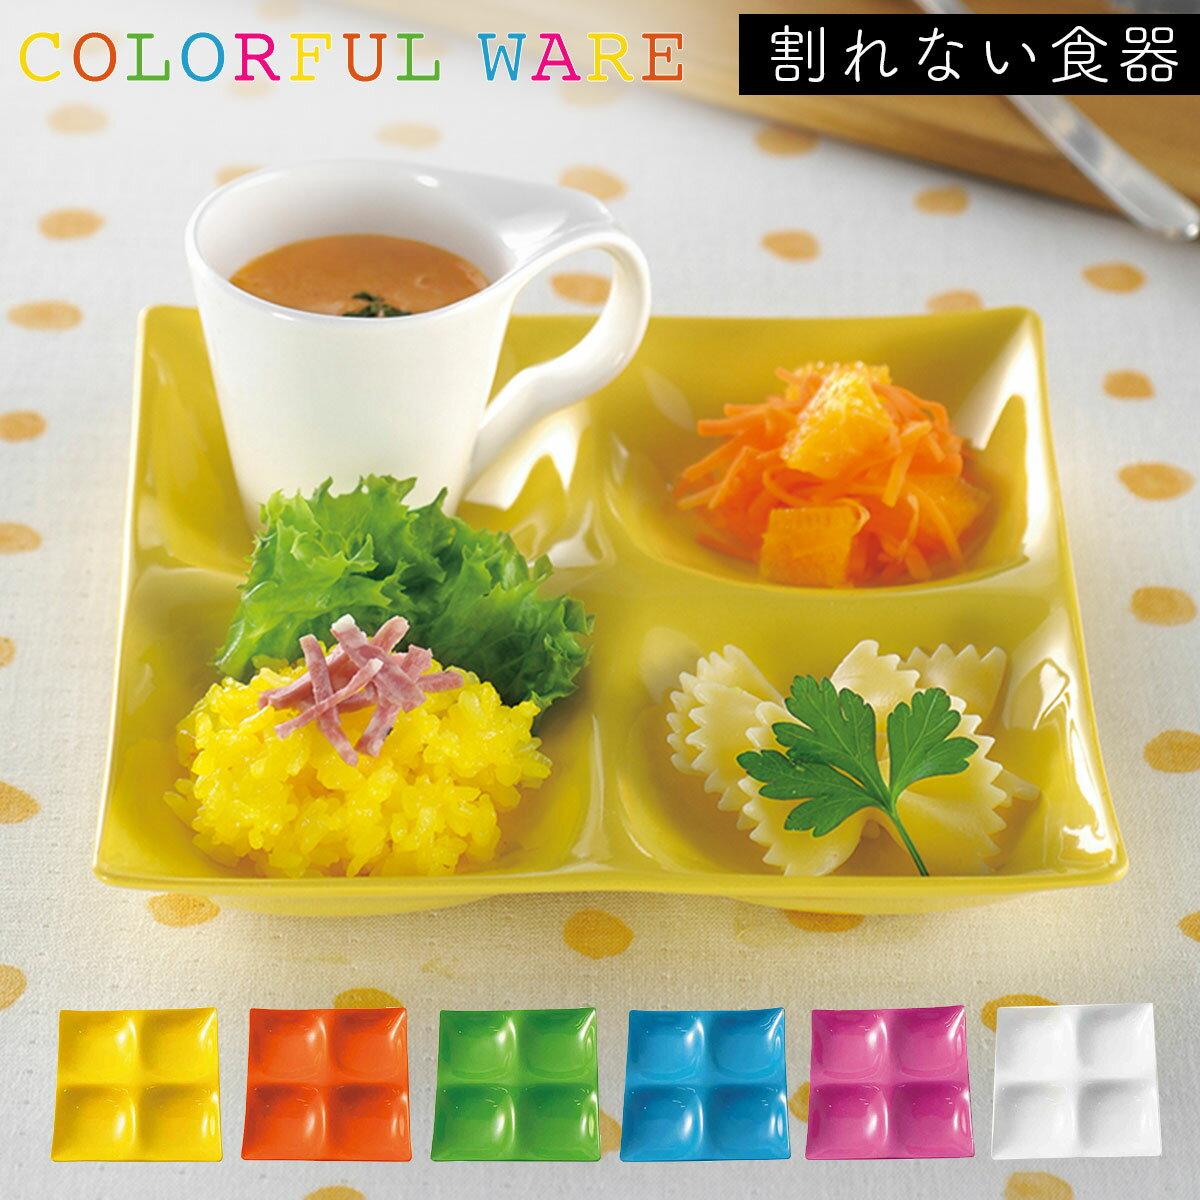 ランチプレート 皿 軽い プラスチック パーティ 仕切り 四角 日本製 電子レンジ対応 食洗機対応 食洗器対応 Party Plate フォープレート アウトドア キャンプ ピクニック おしゃれ 人気